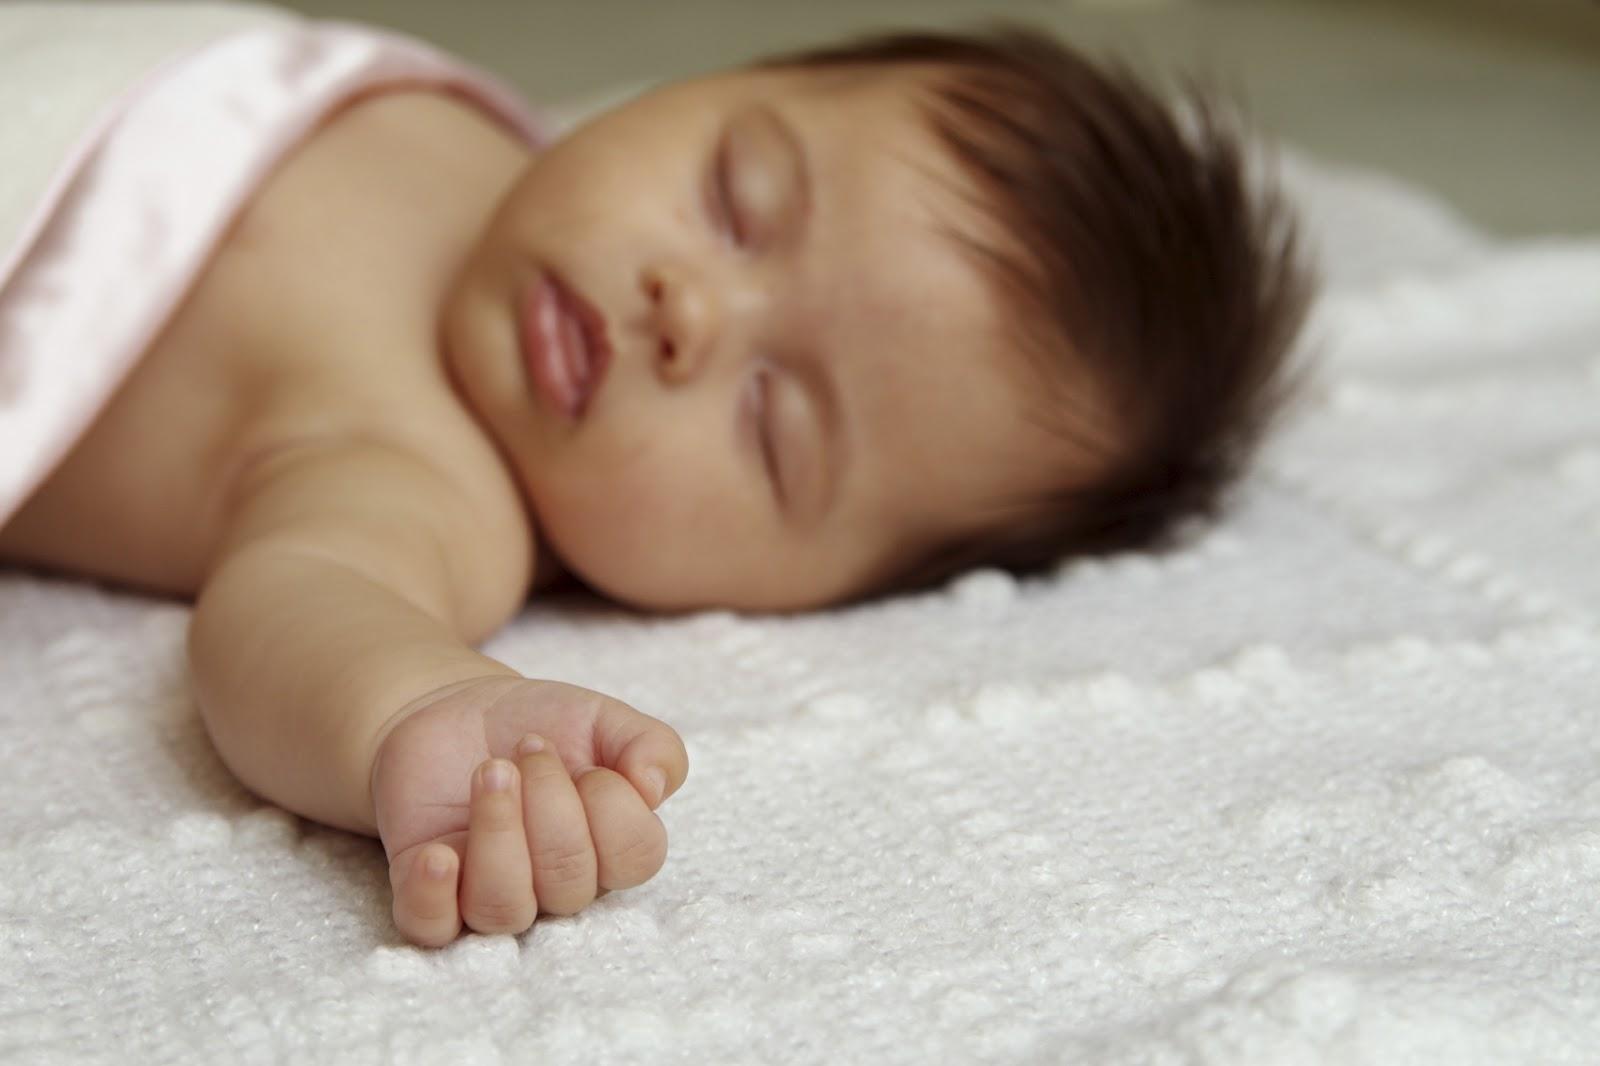 Baby Cute Sleeping Sleeping